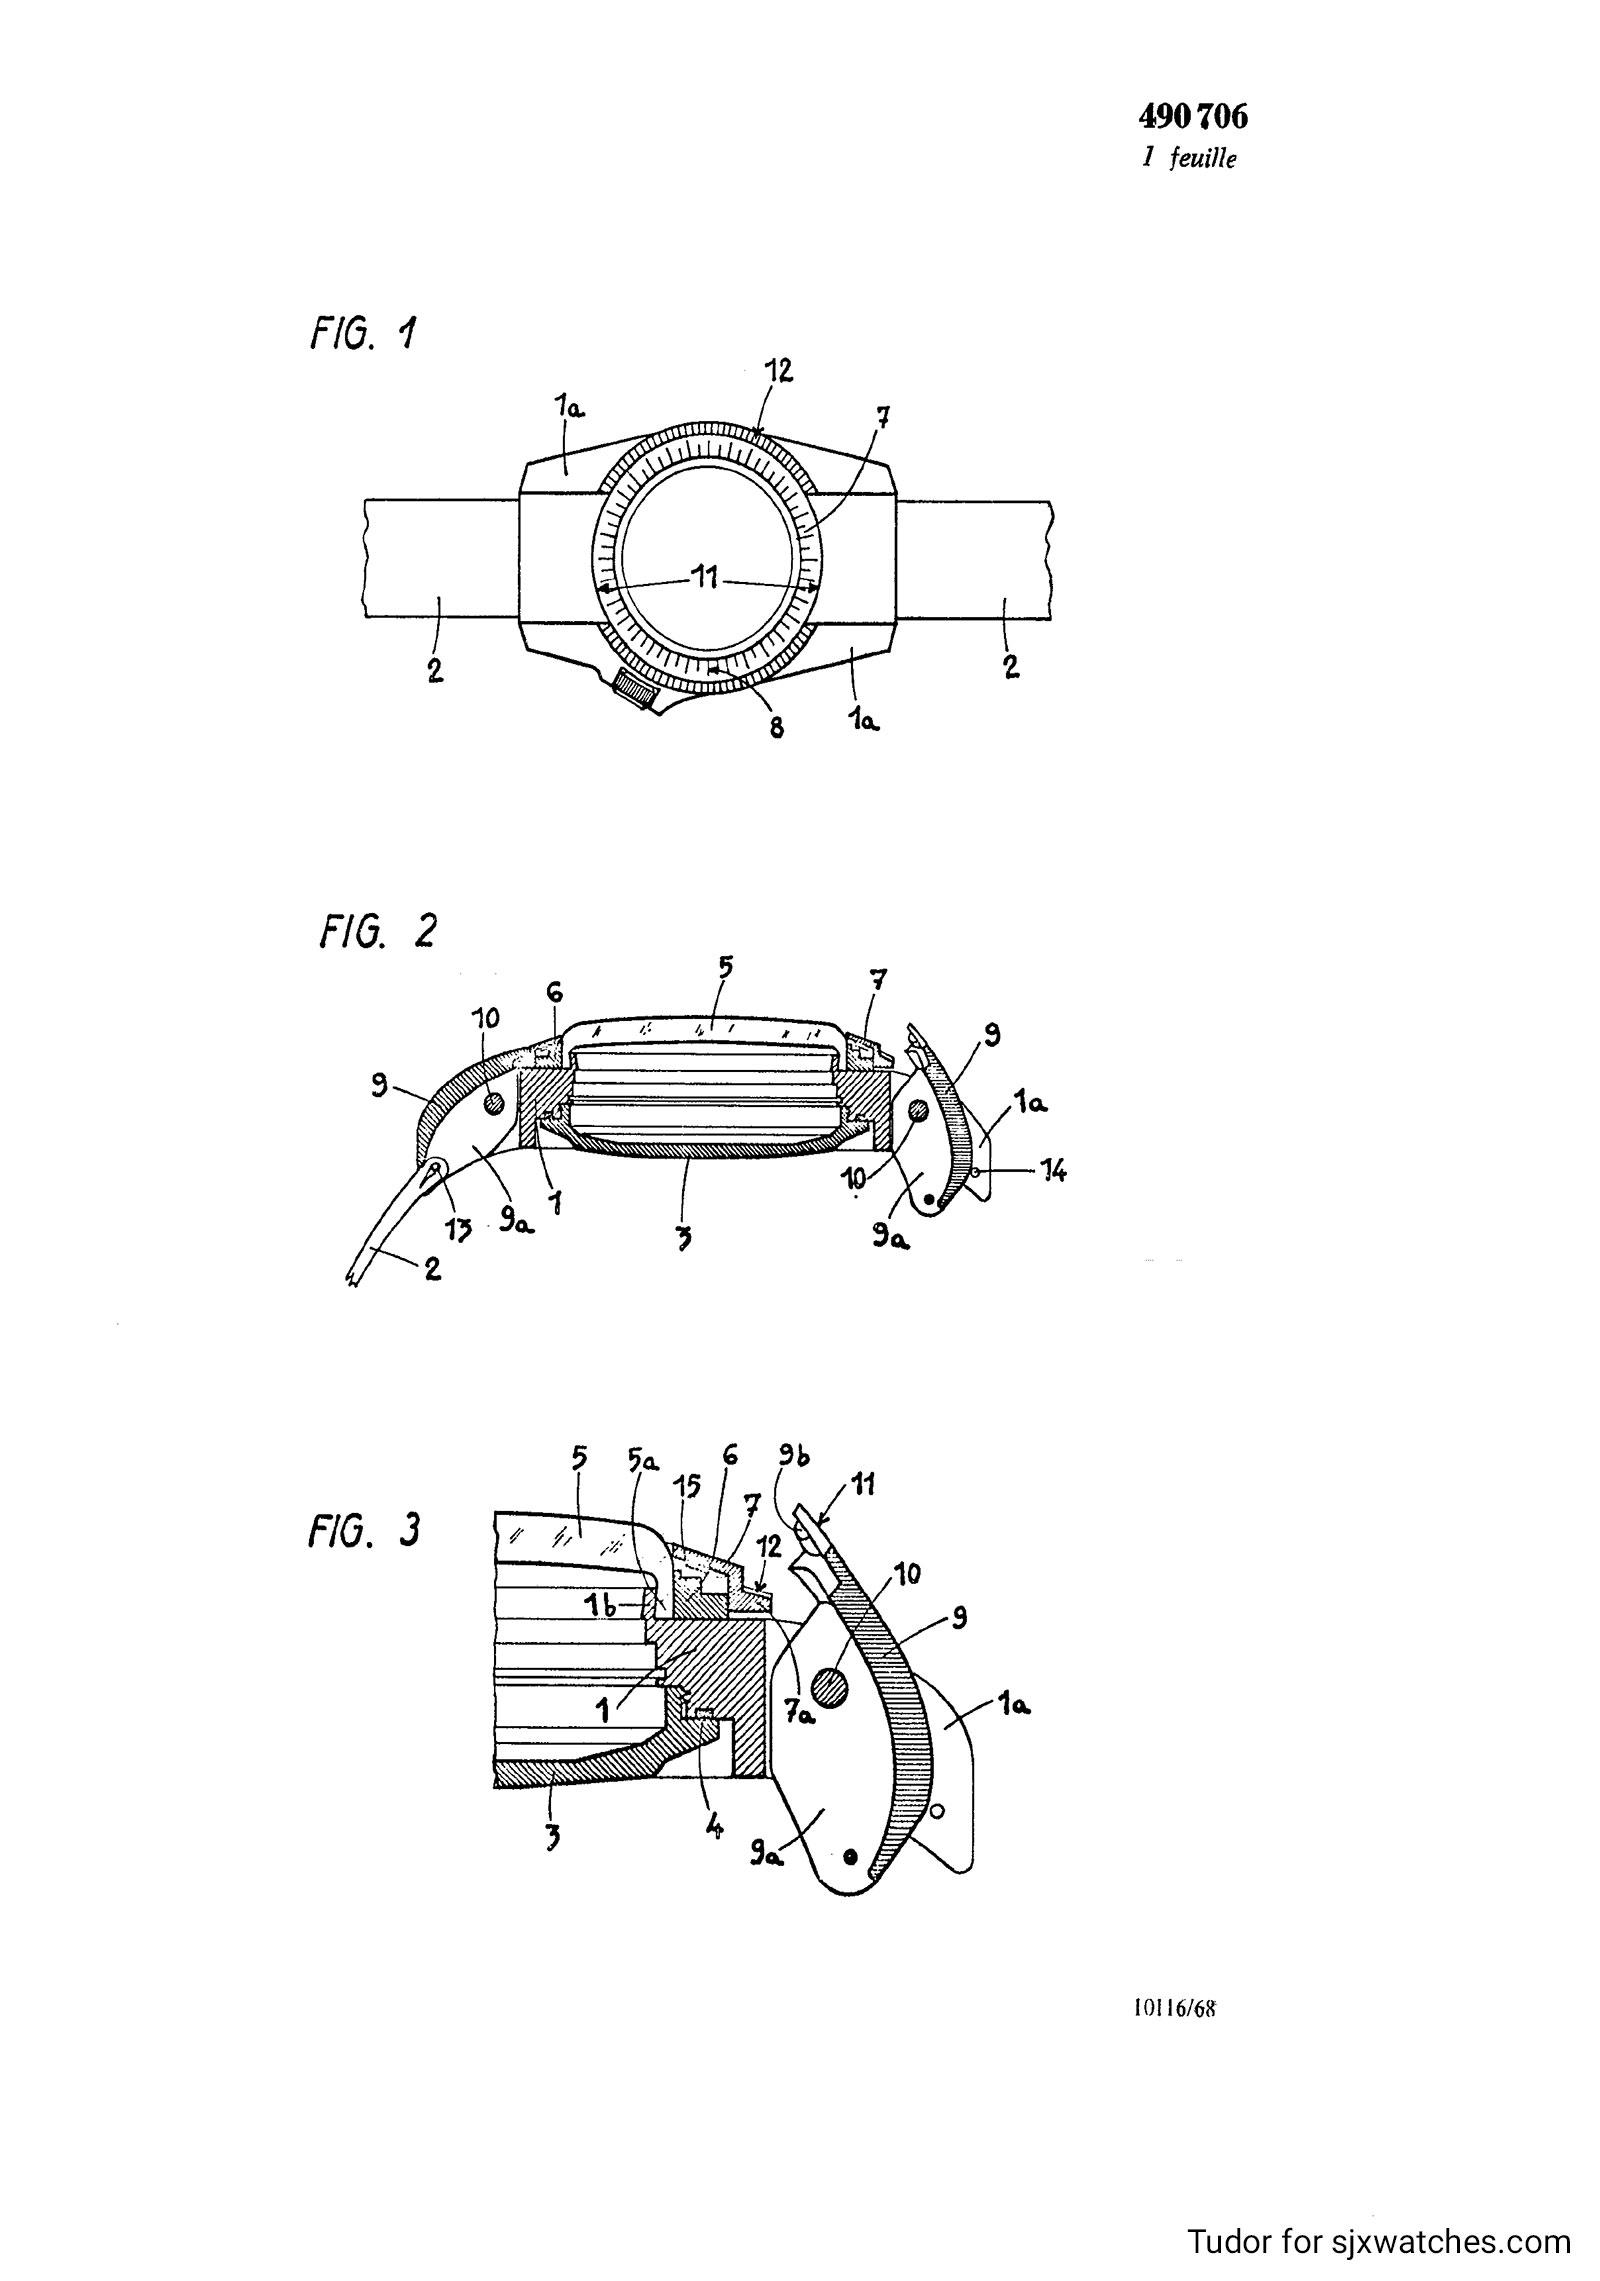 Tudor P01 Rolex patent C490706 diagram